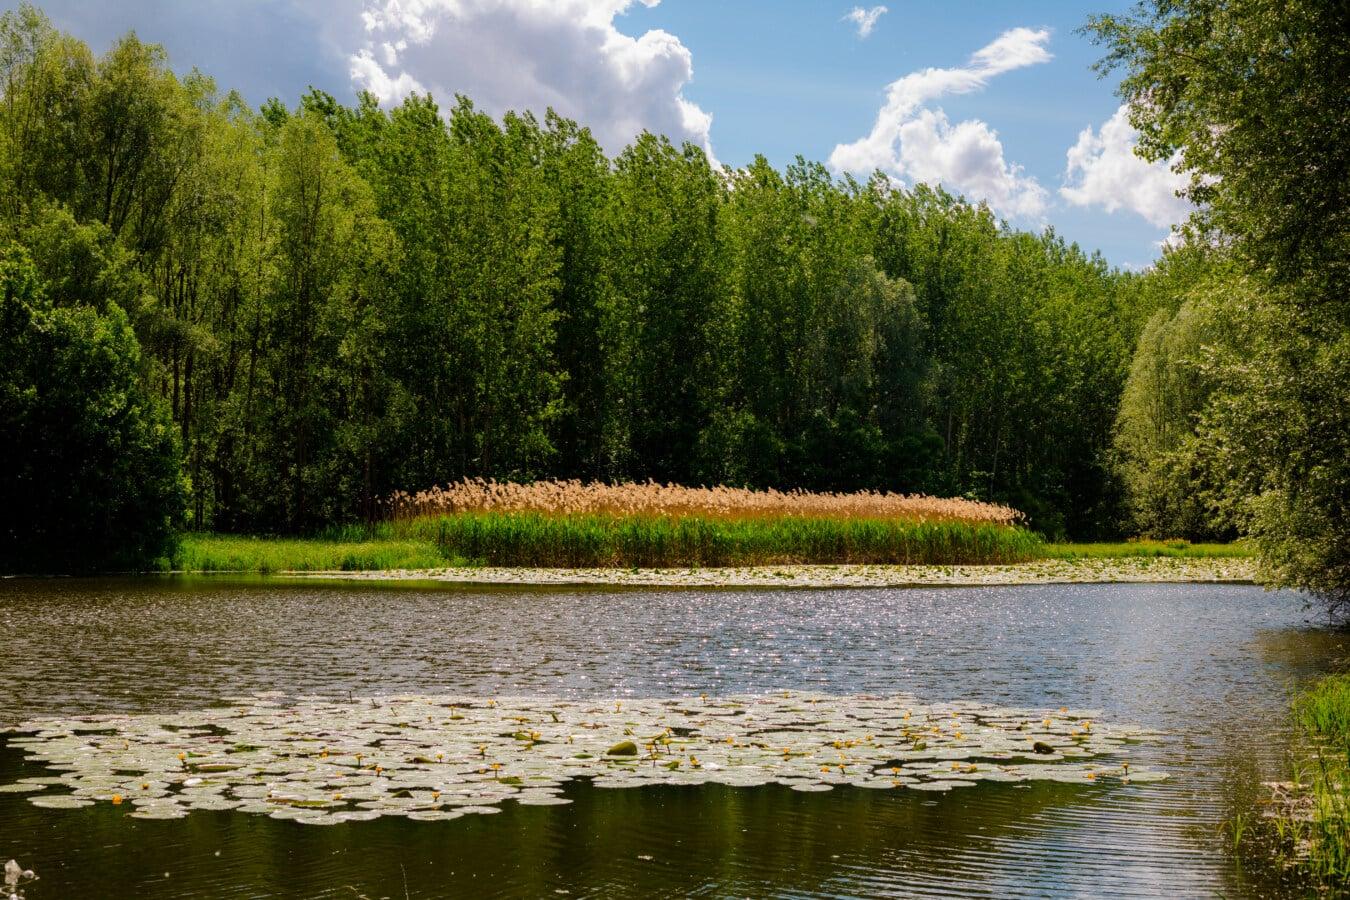 plante aquatique, écosystème, aquatique, Lotus, atmosphère, idyllique, réflexion, eau, arbre, Lac